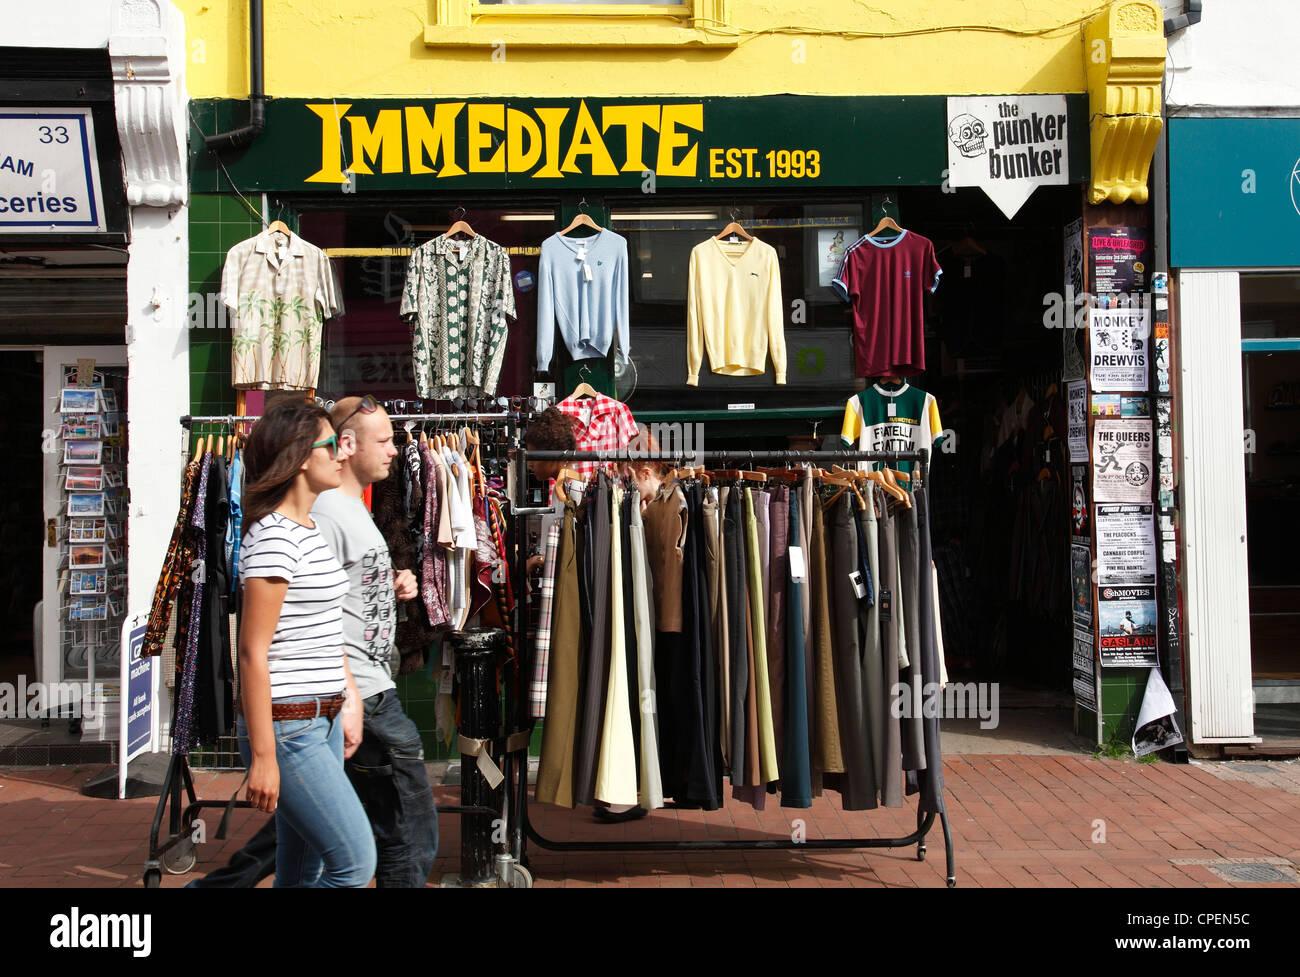 c6ed28bc2b7 La boutique de vêtements immédiatement la vente de vêtements d occasion à  Brighton